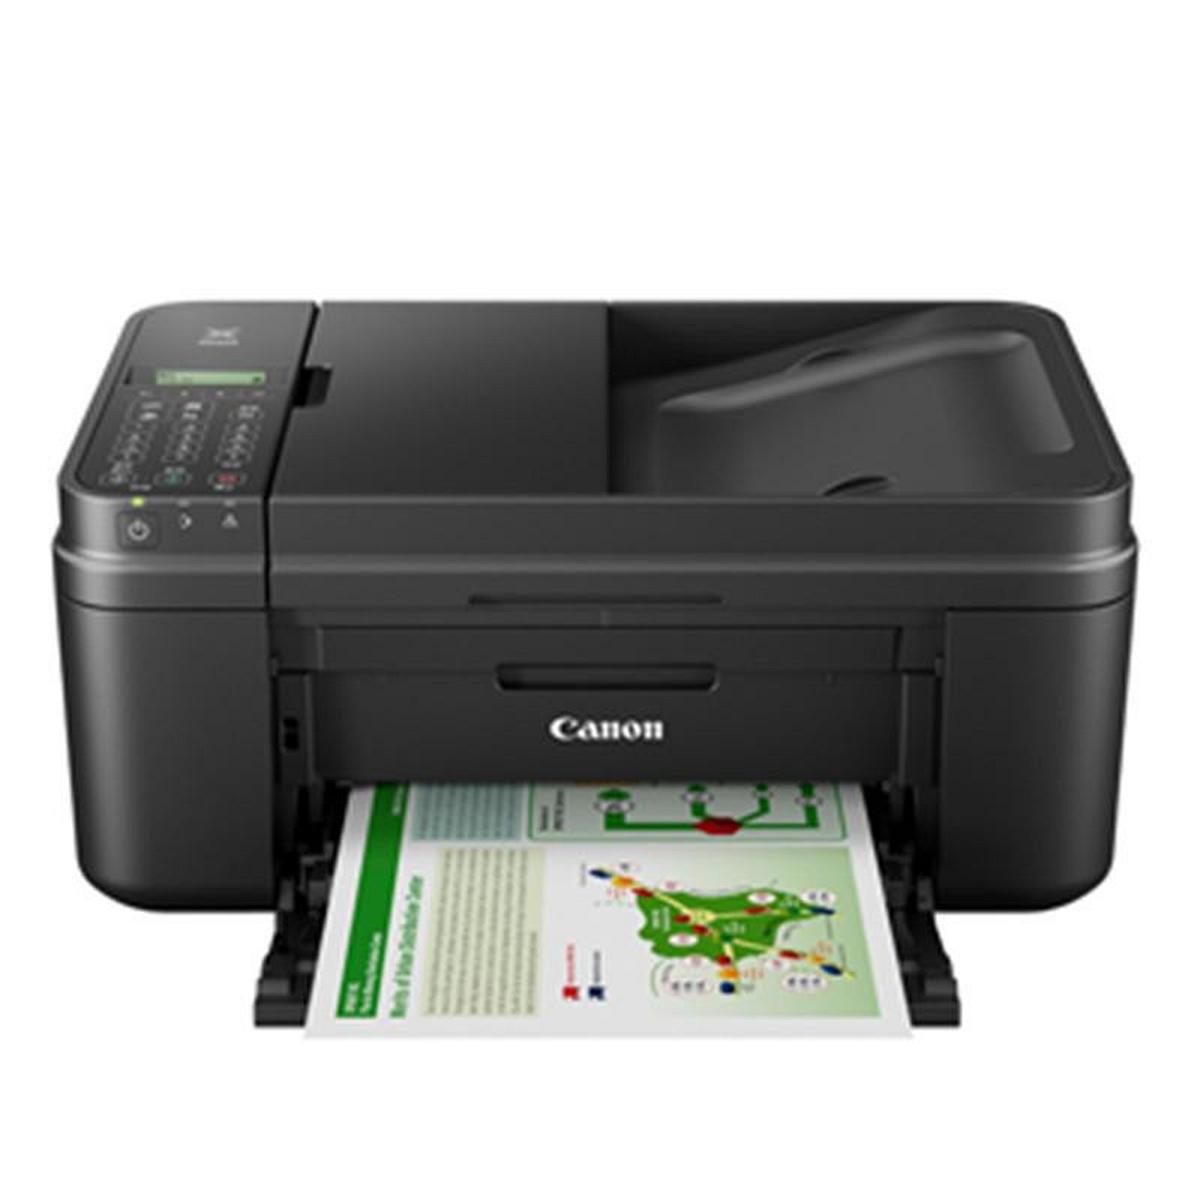 佳能 MX498 喷墨打印机  (单位:台)